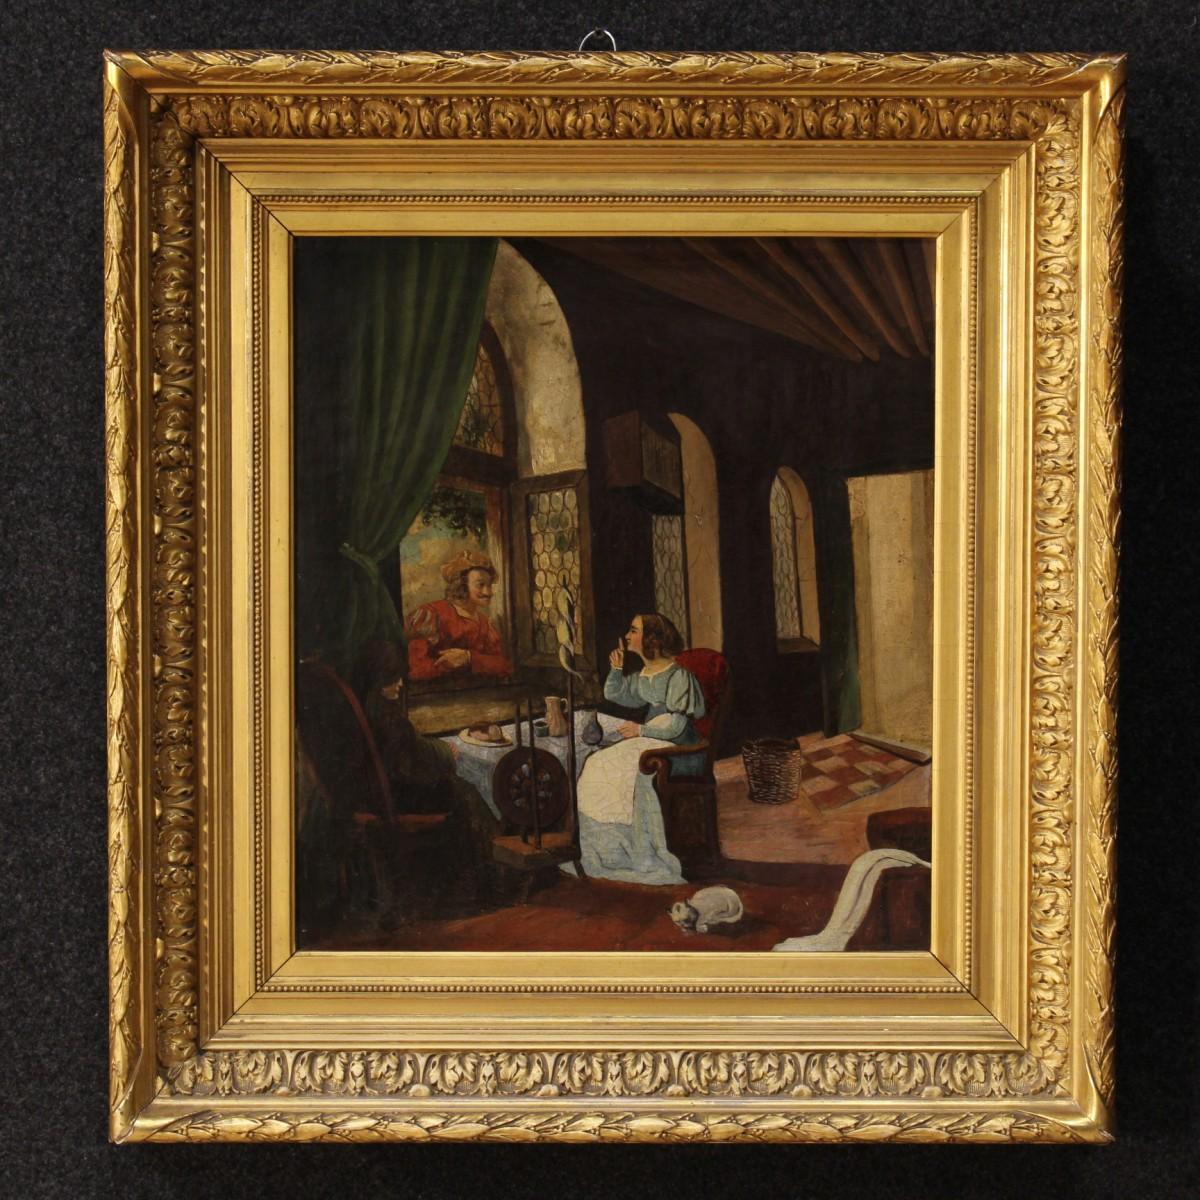 Dipinto scena di interno con personaggi del xix secolo for Piani di fattoria del 19 secolo